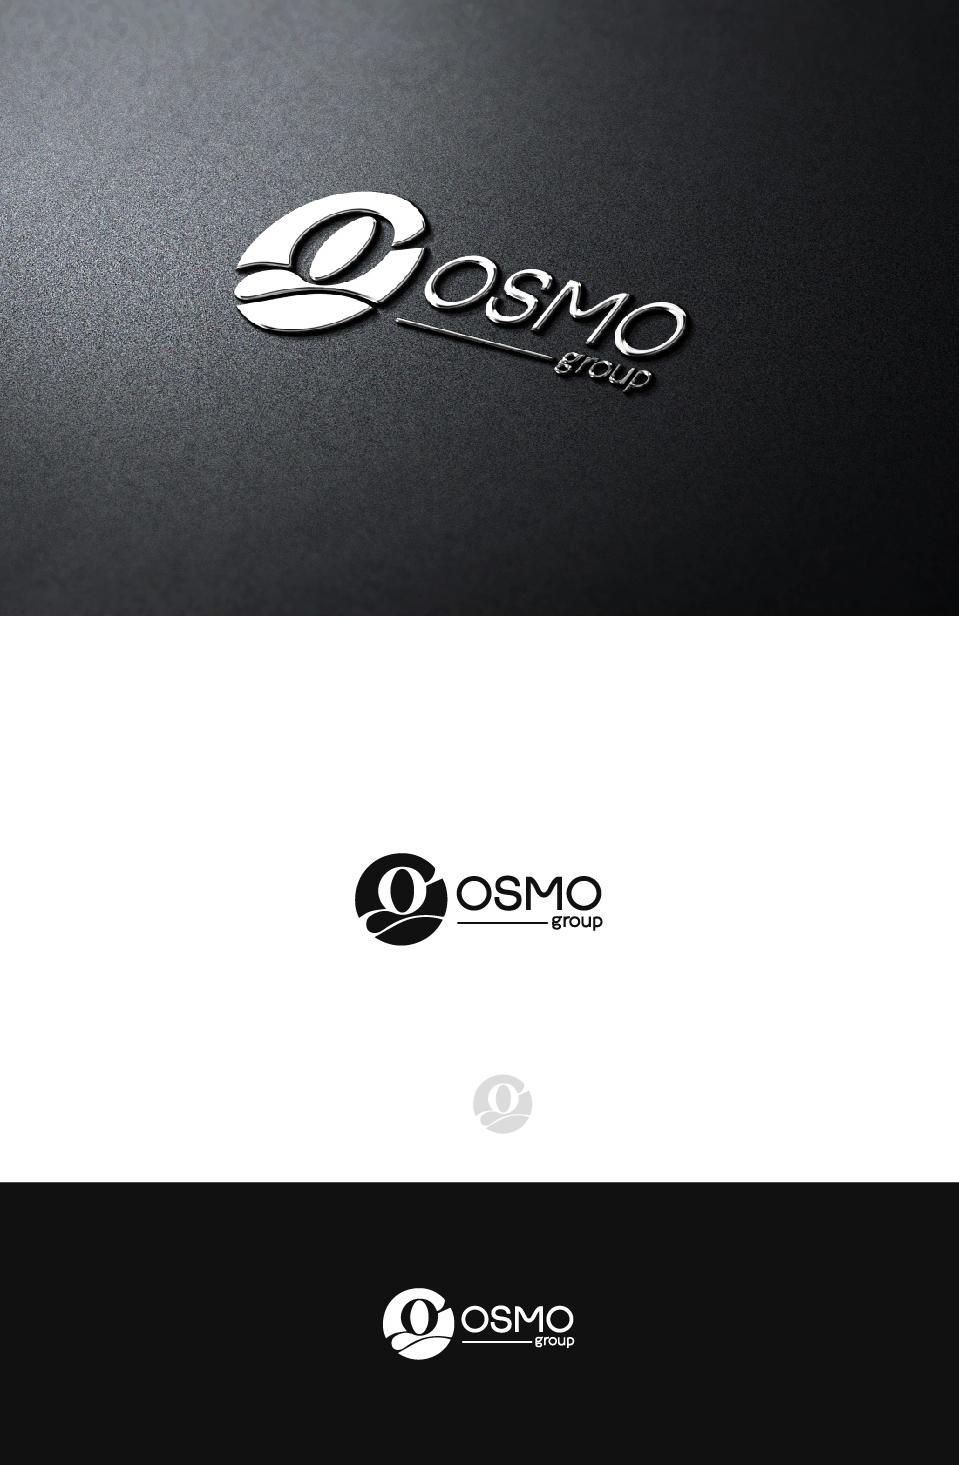 Создание логотипа для строительной компании OSMO group  фото f_75659b459e75414e.jpg